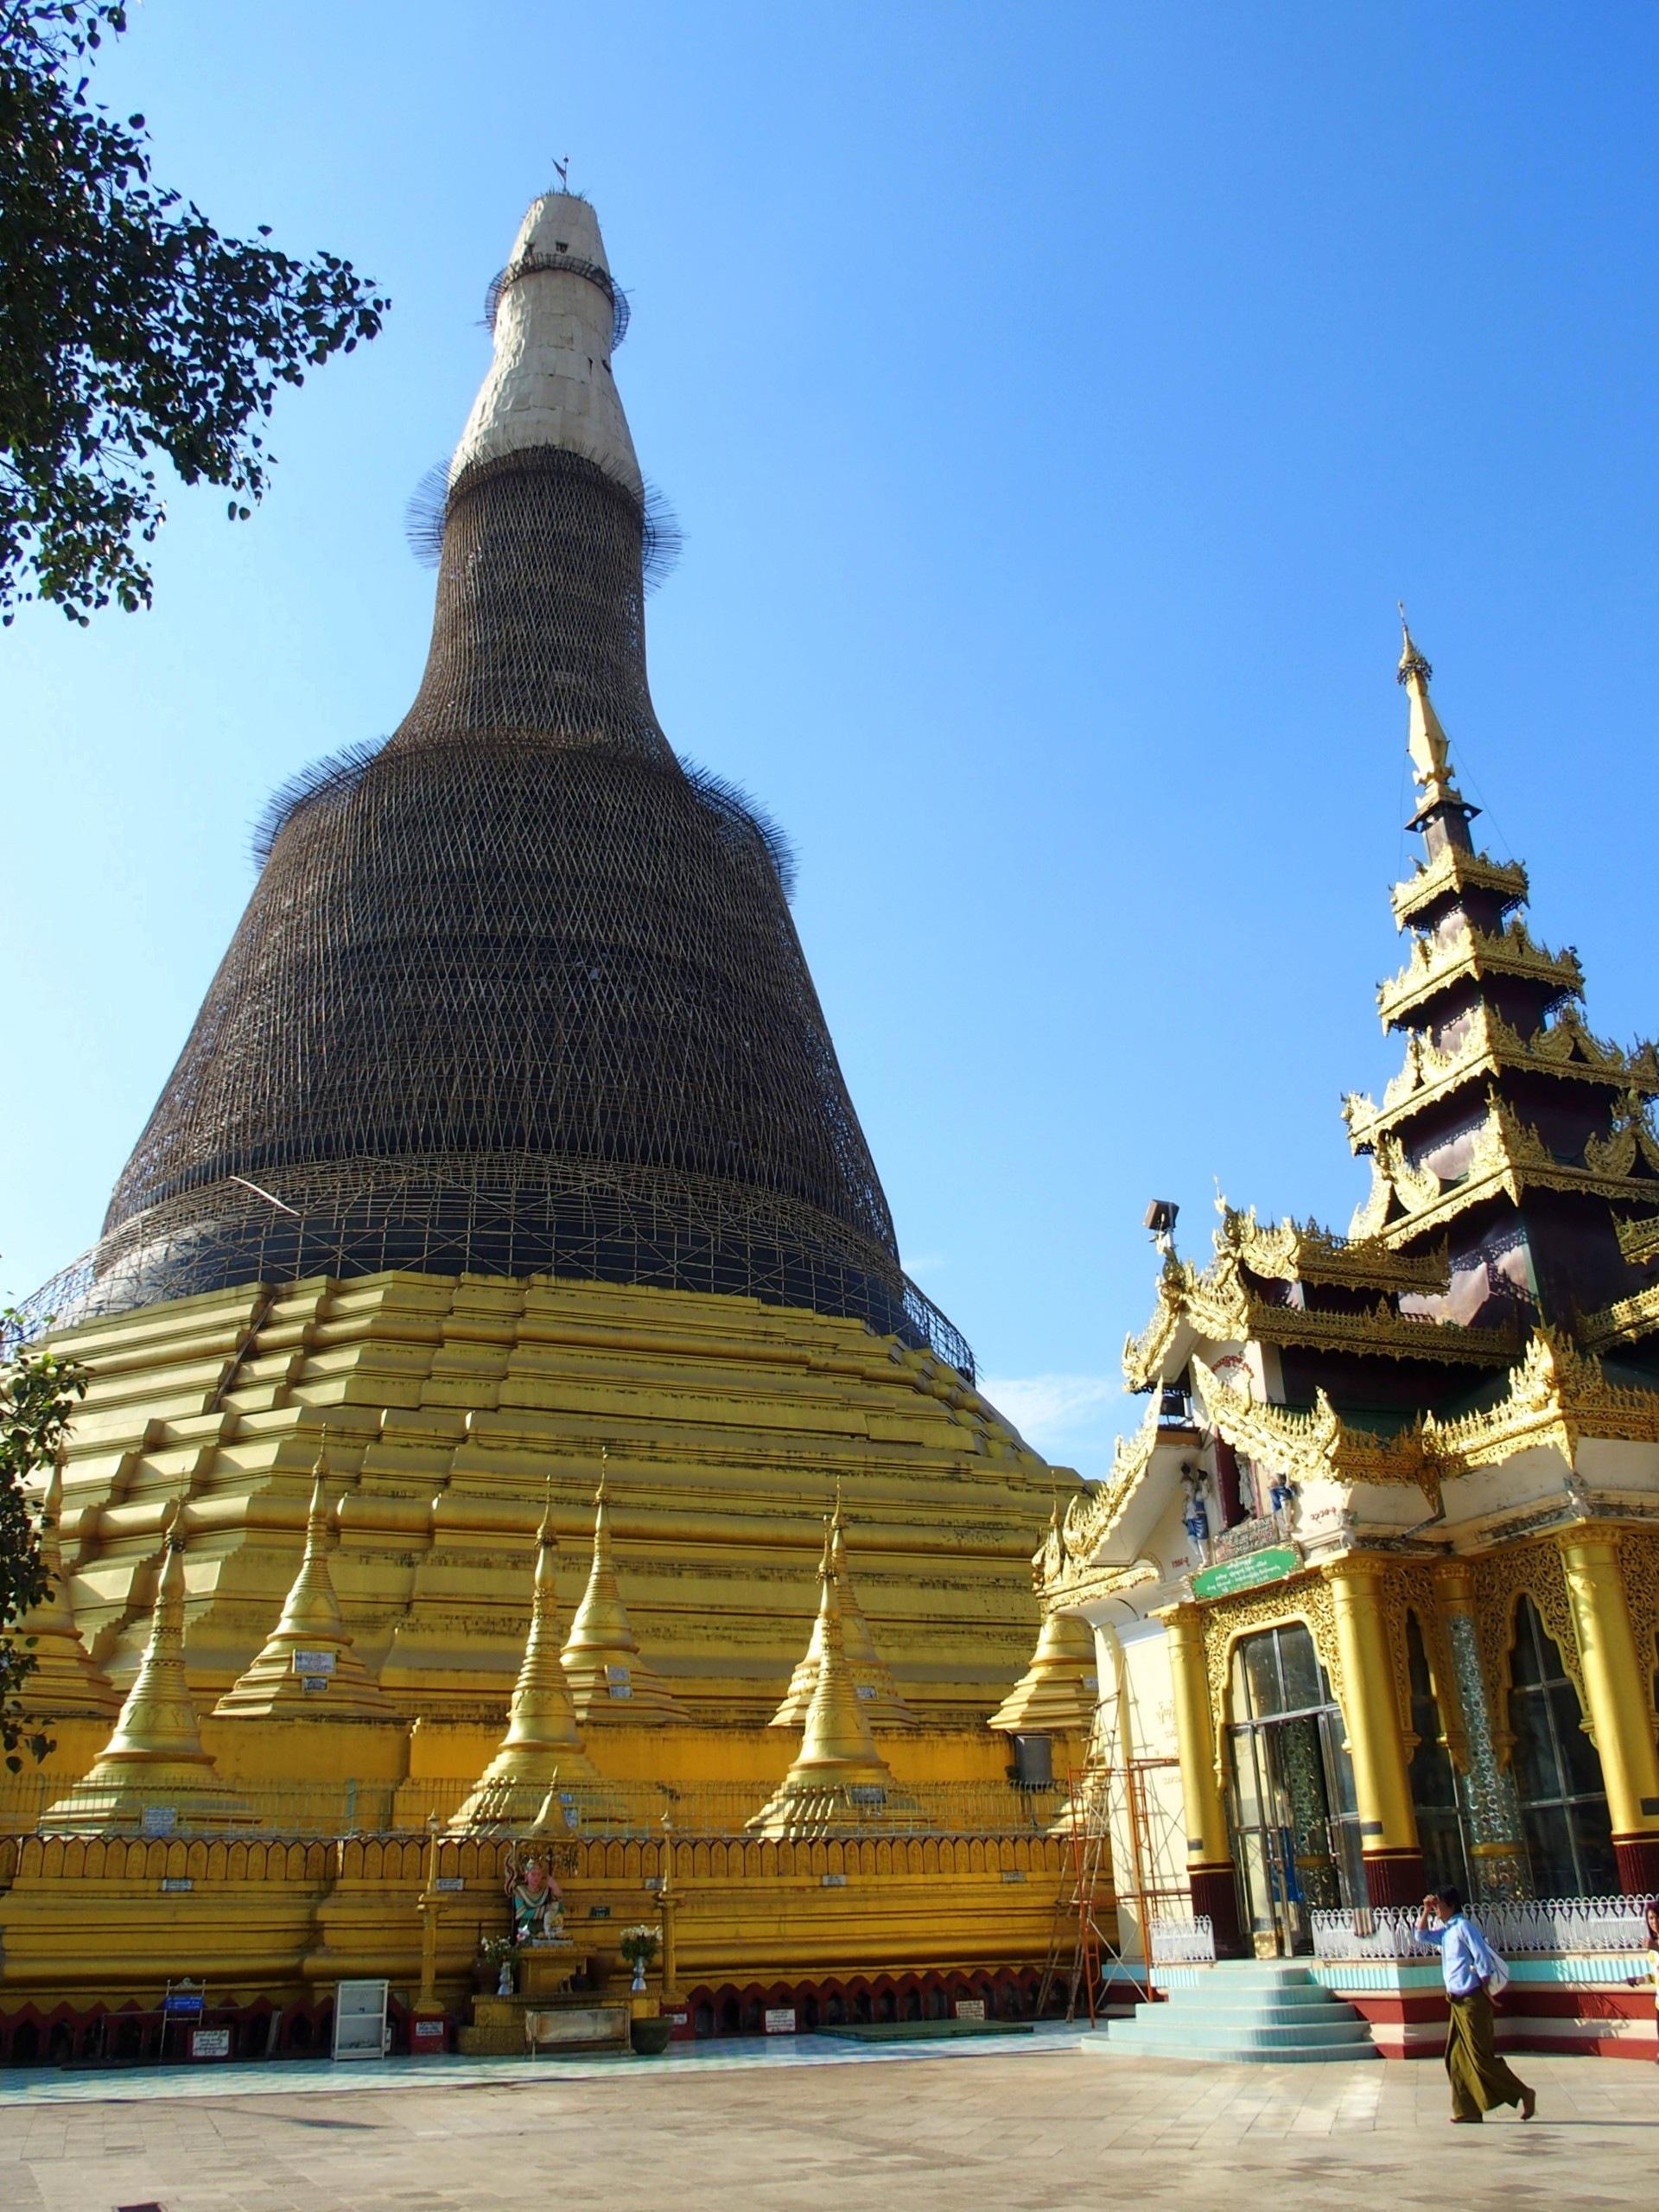 Dome de la pagode Shwemawdaw en travaux Bago Birmanie